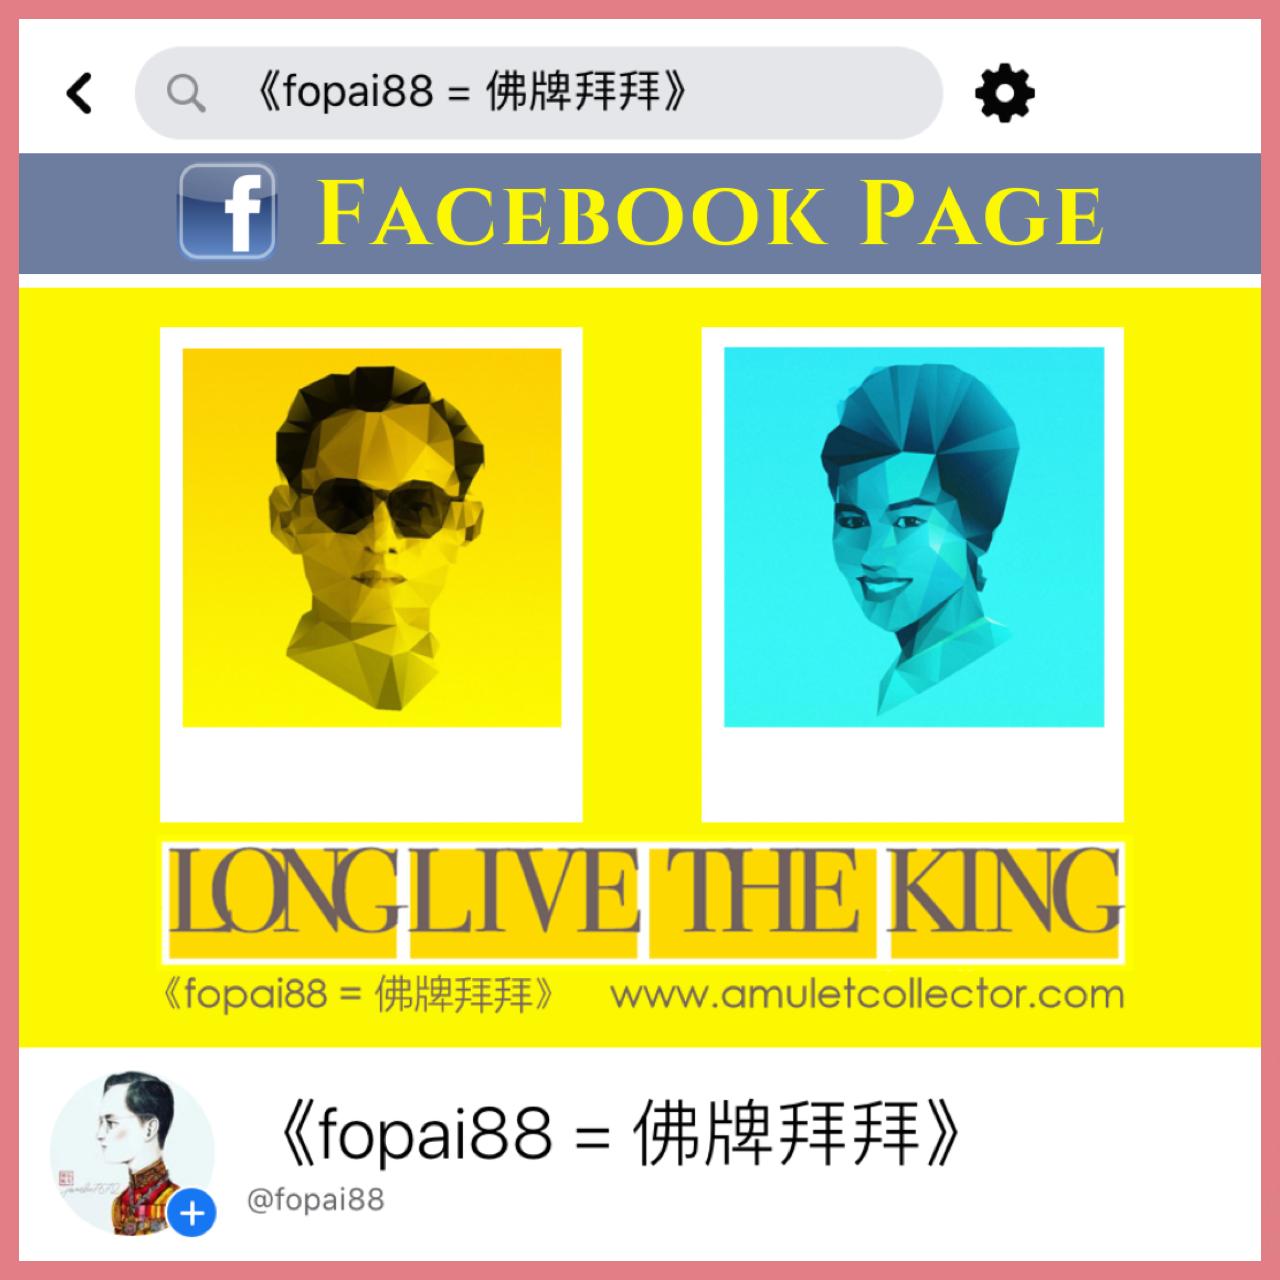 脸书专页:《fopai88=佛牌拜拜》